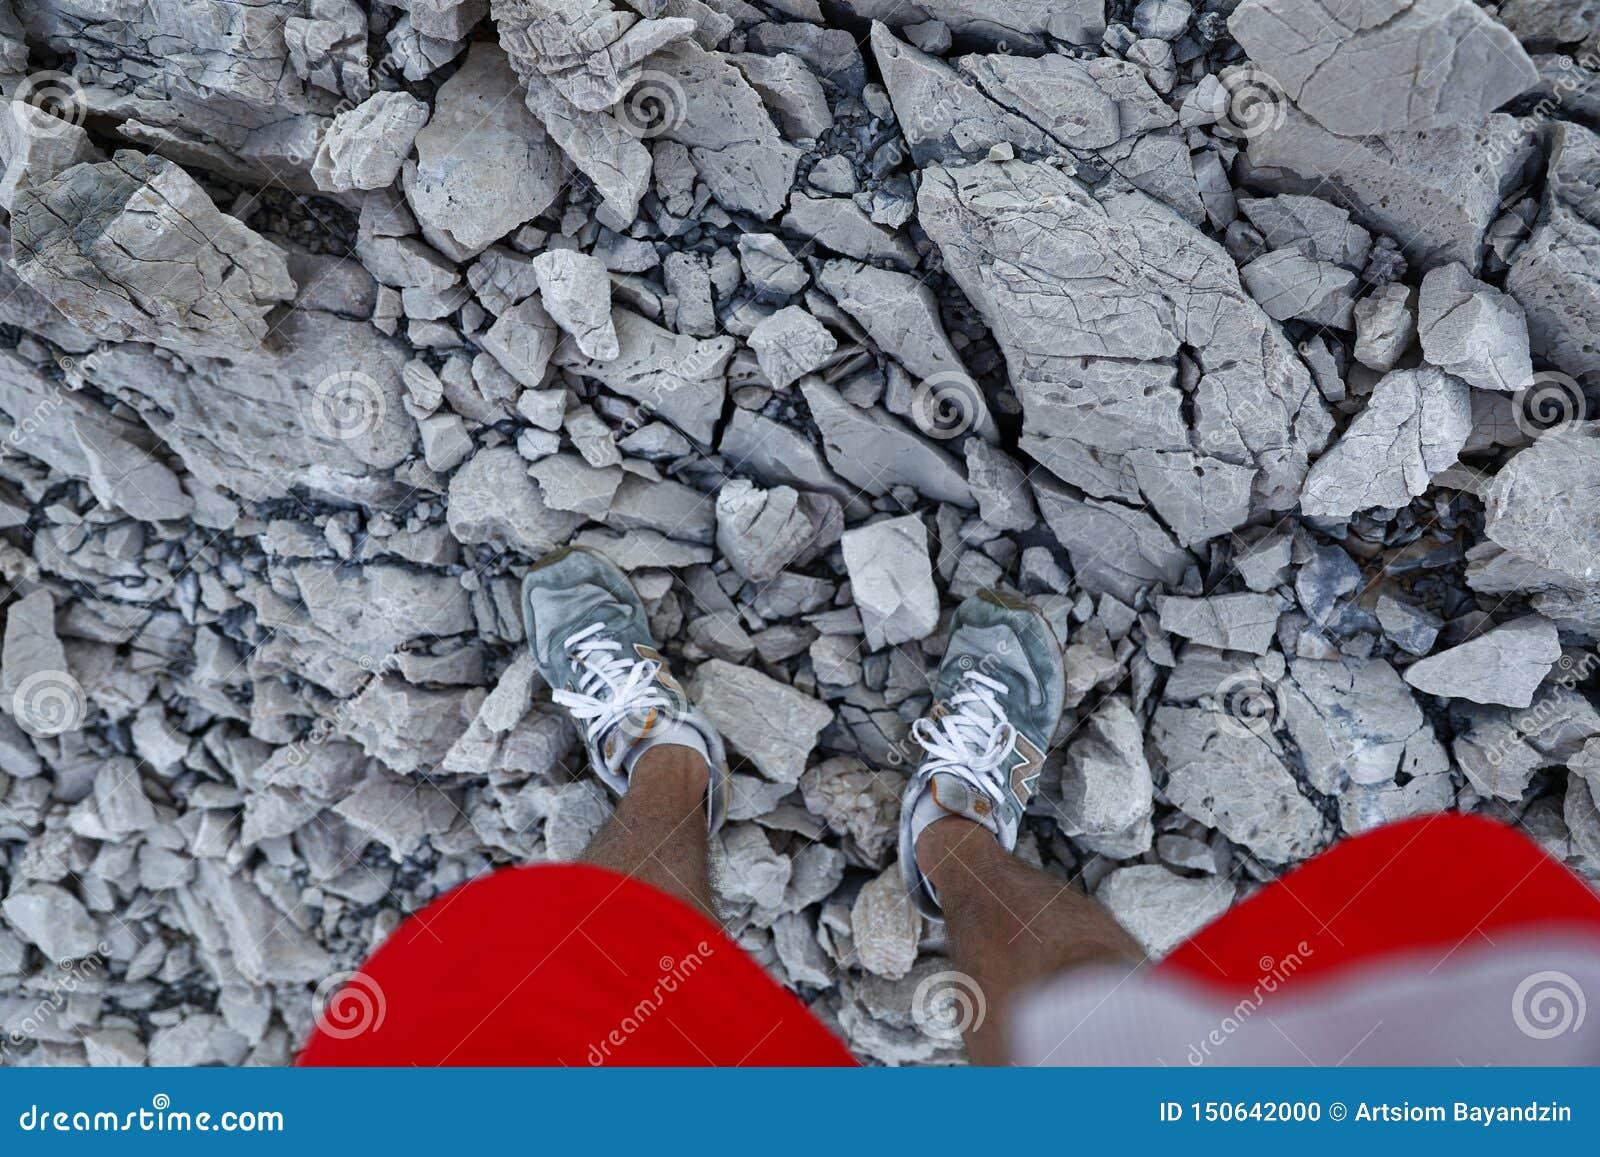 Beine in den Sportschuhen und rote kurze Hosen auf dem felsigen Weg in den Bergen